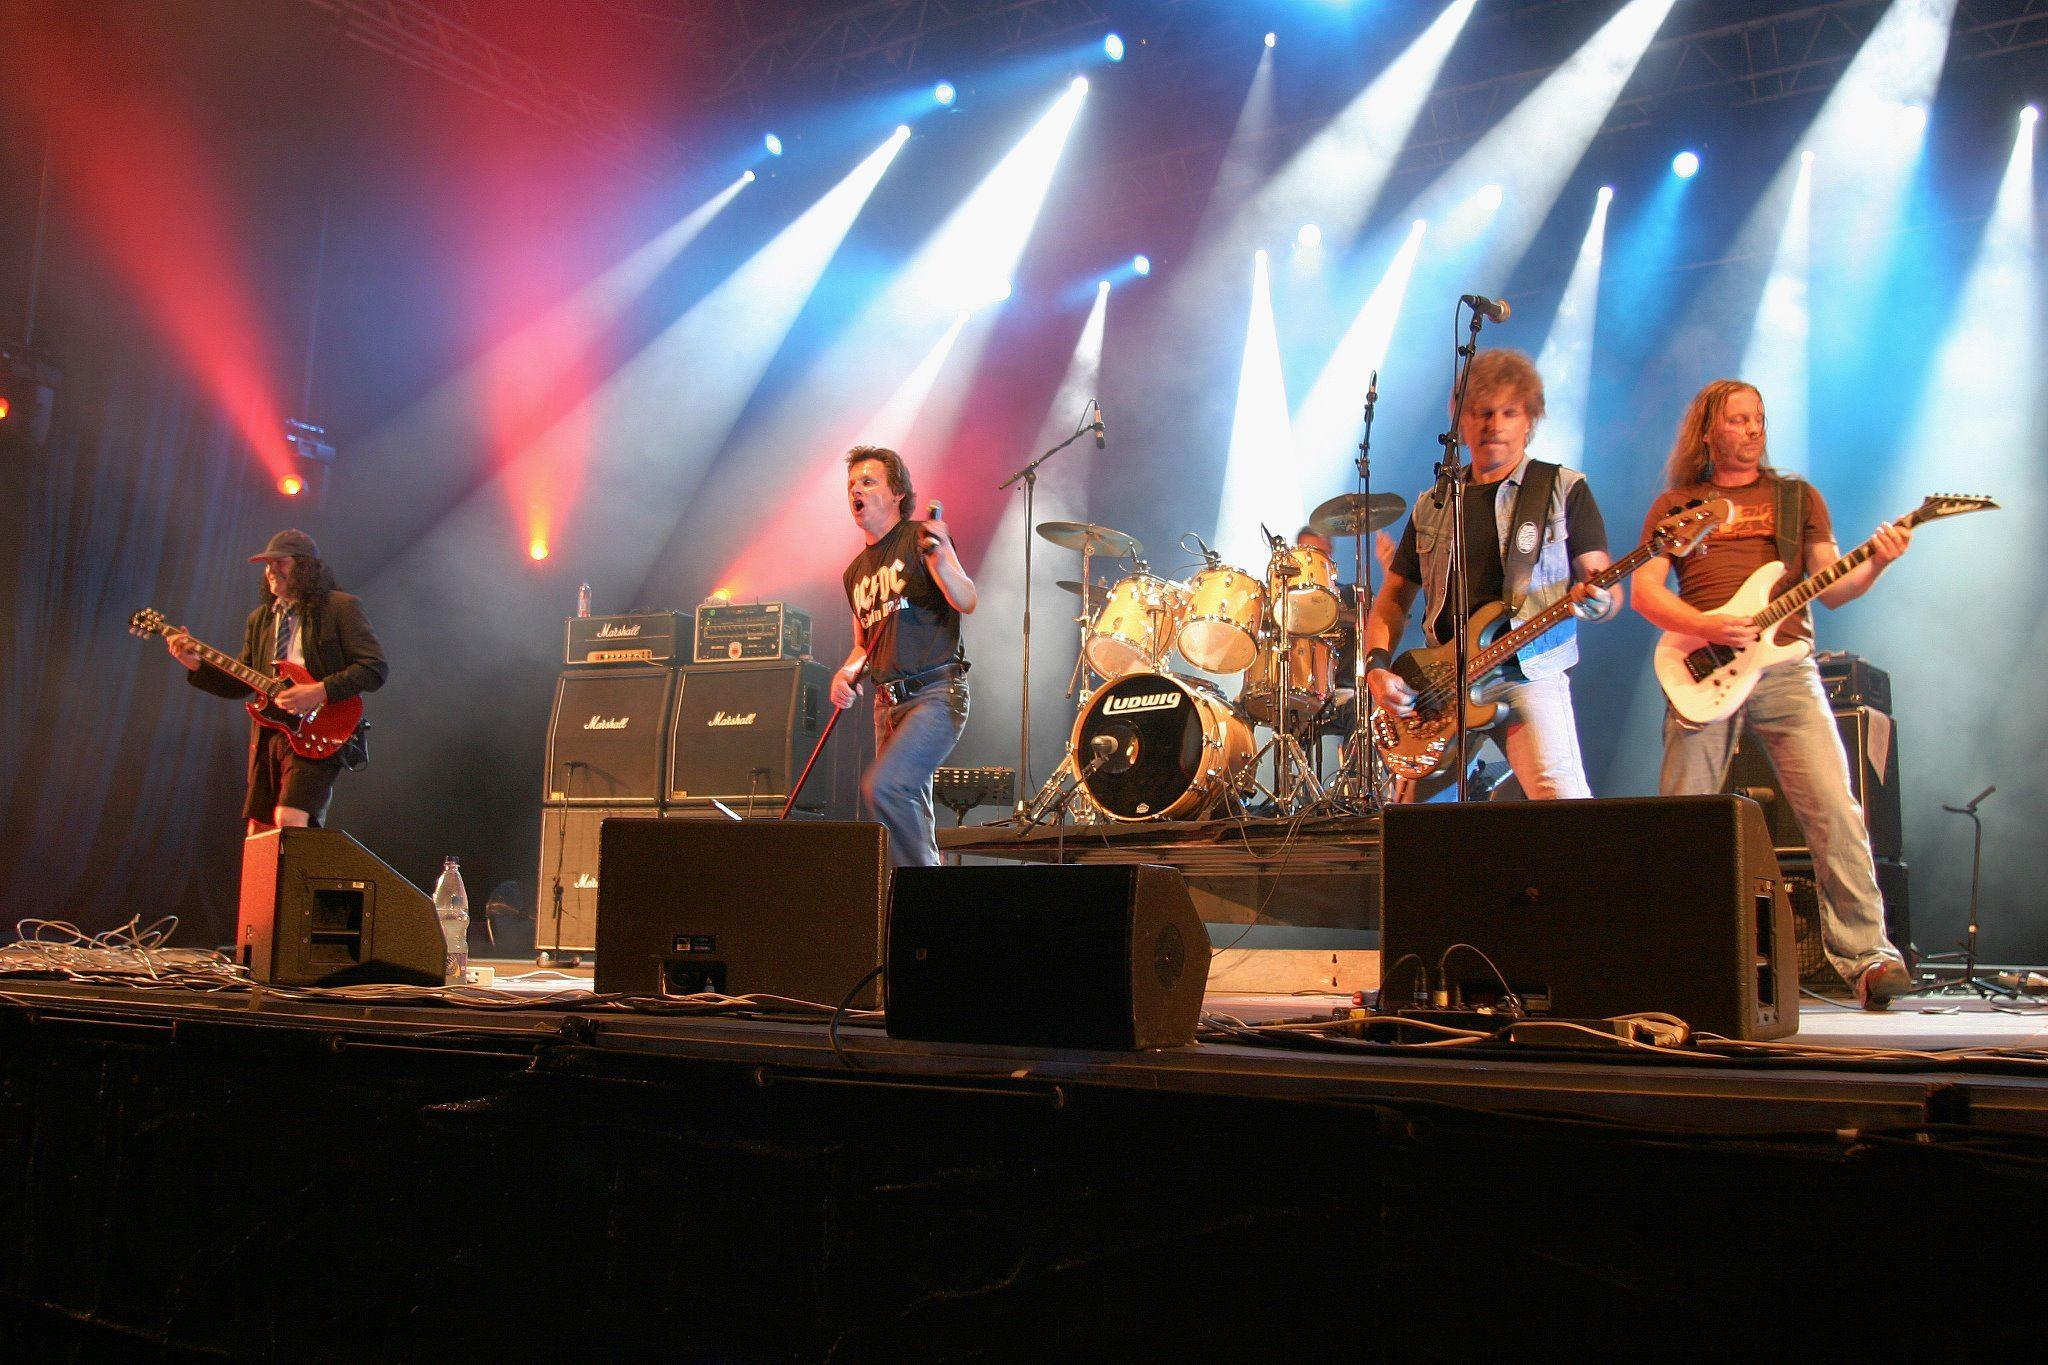 Baltic Festival - AC/DC jam